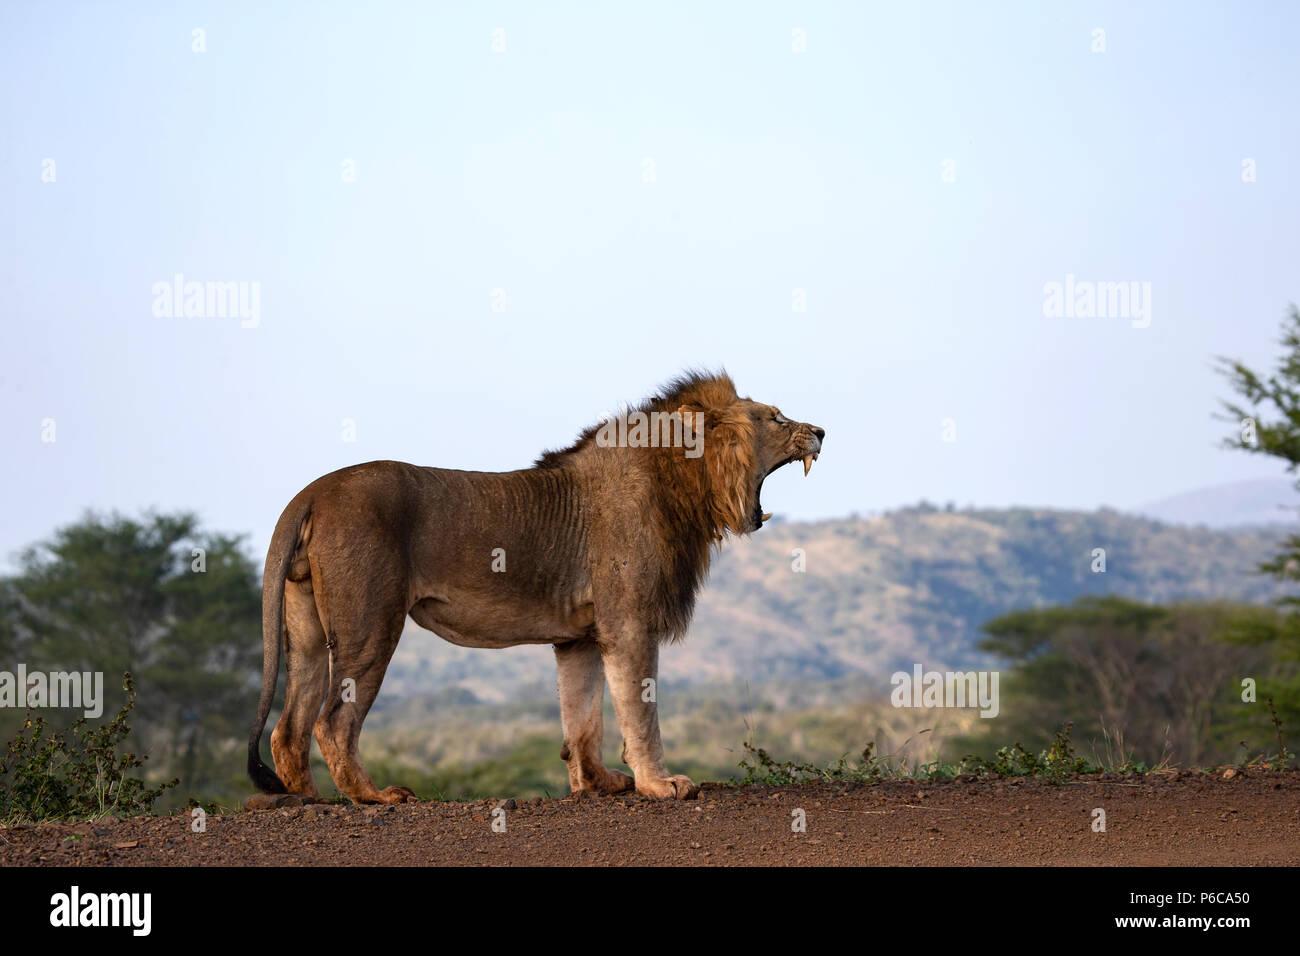 Männliche Löwe Panthera leo Rauschen im frühen Licht von der Spitze einer Staumauer Stockbild